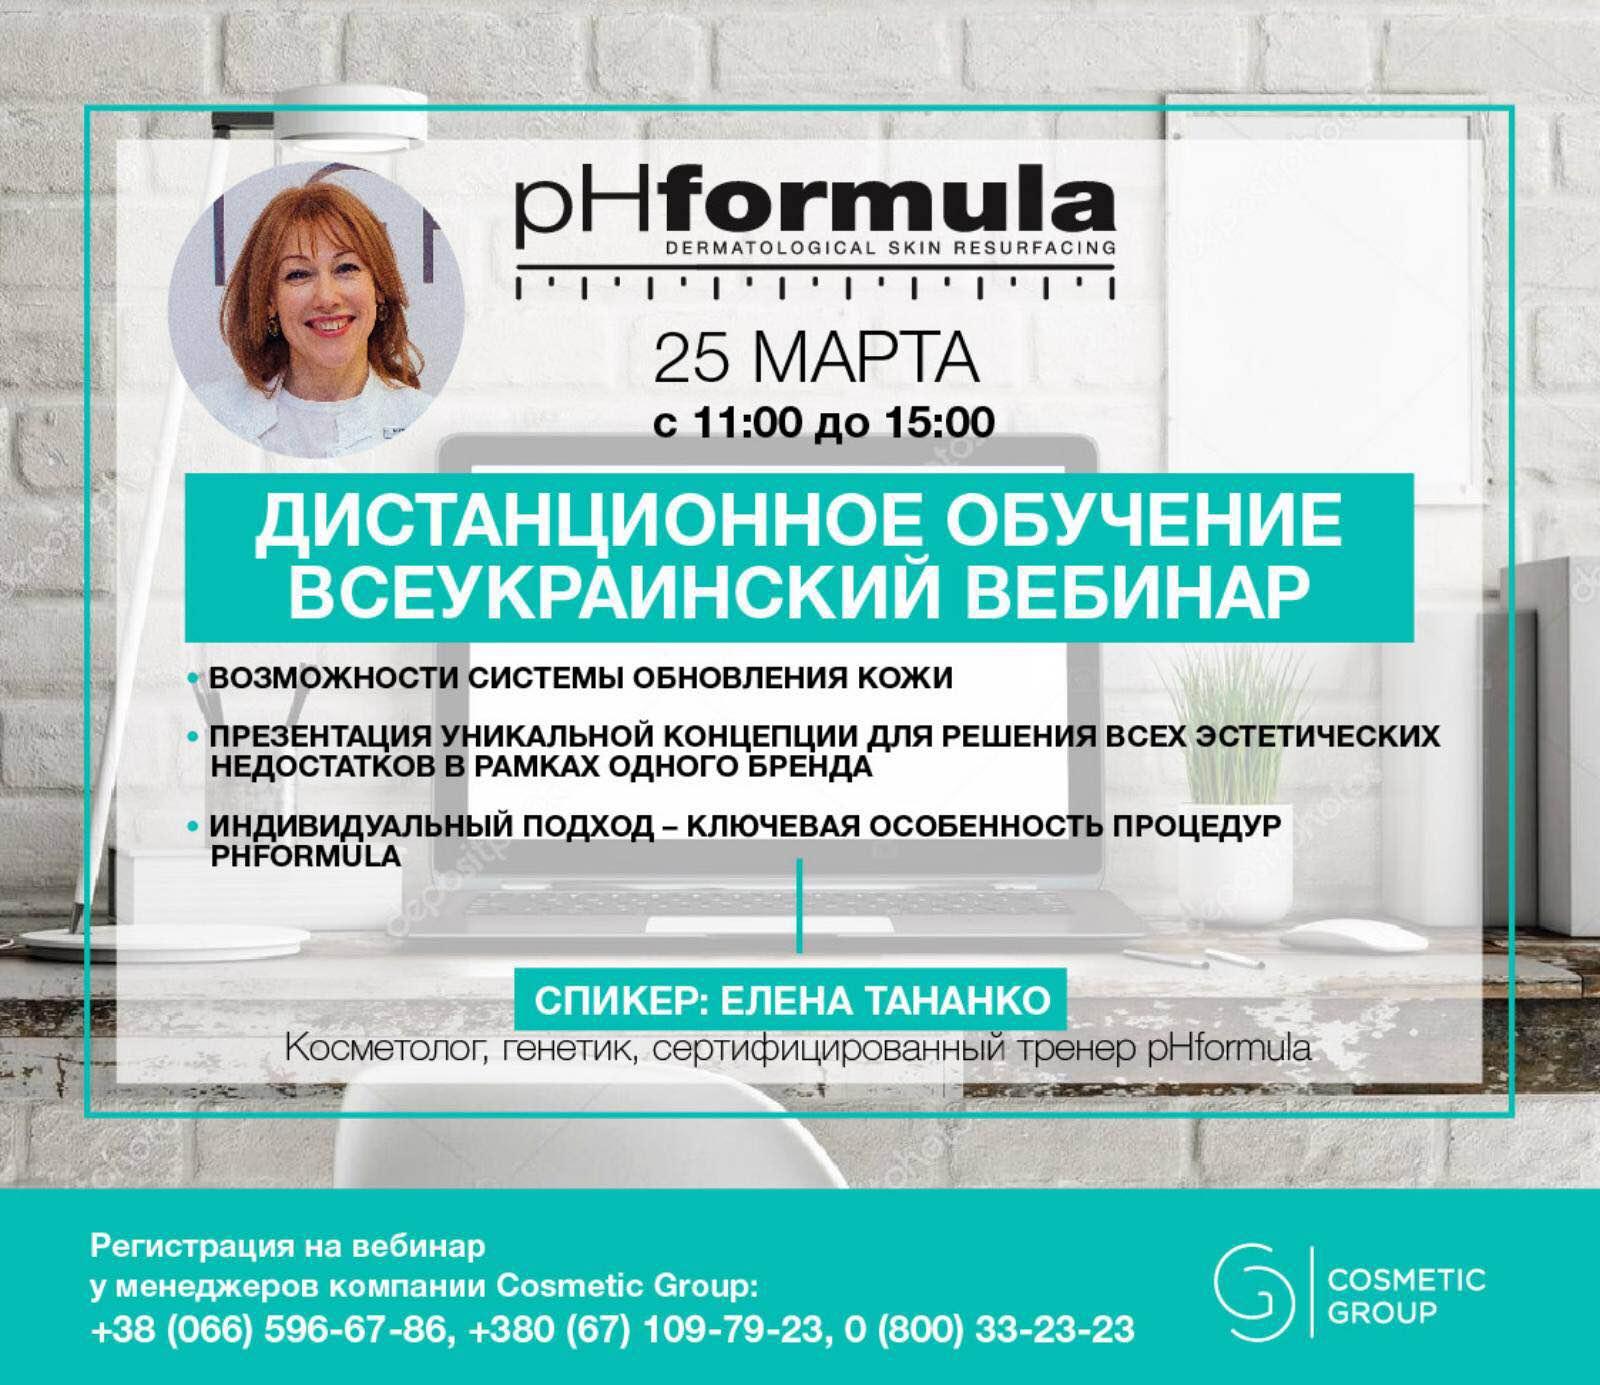 Контролируемое обновление кожи pHformula